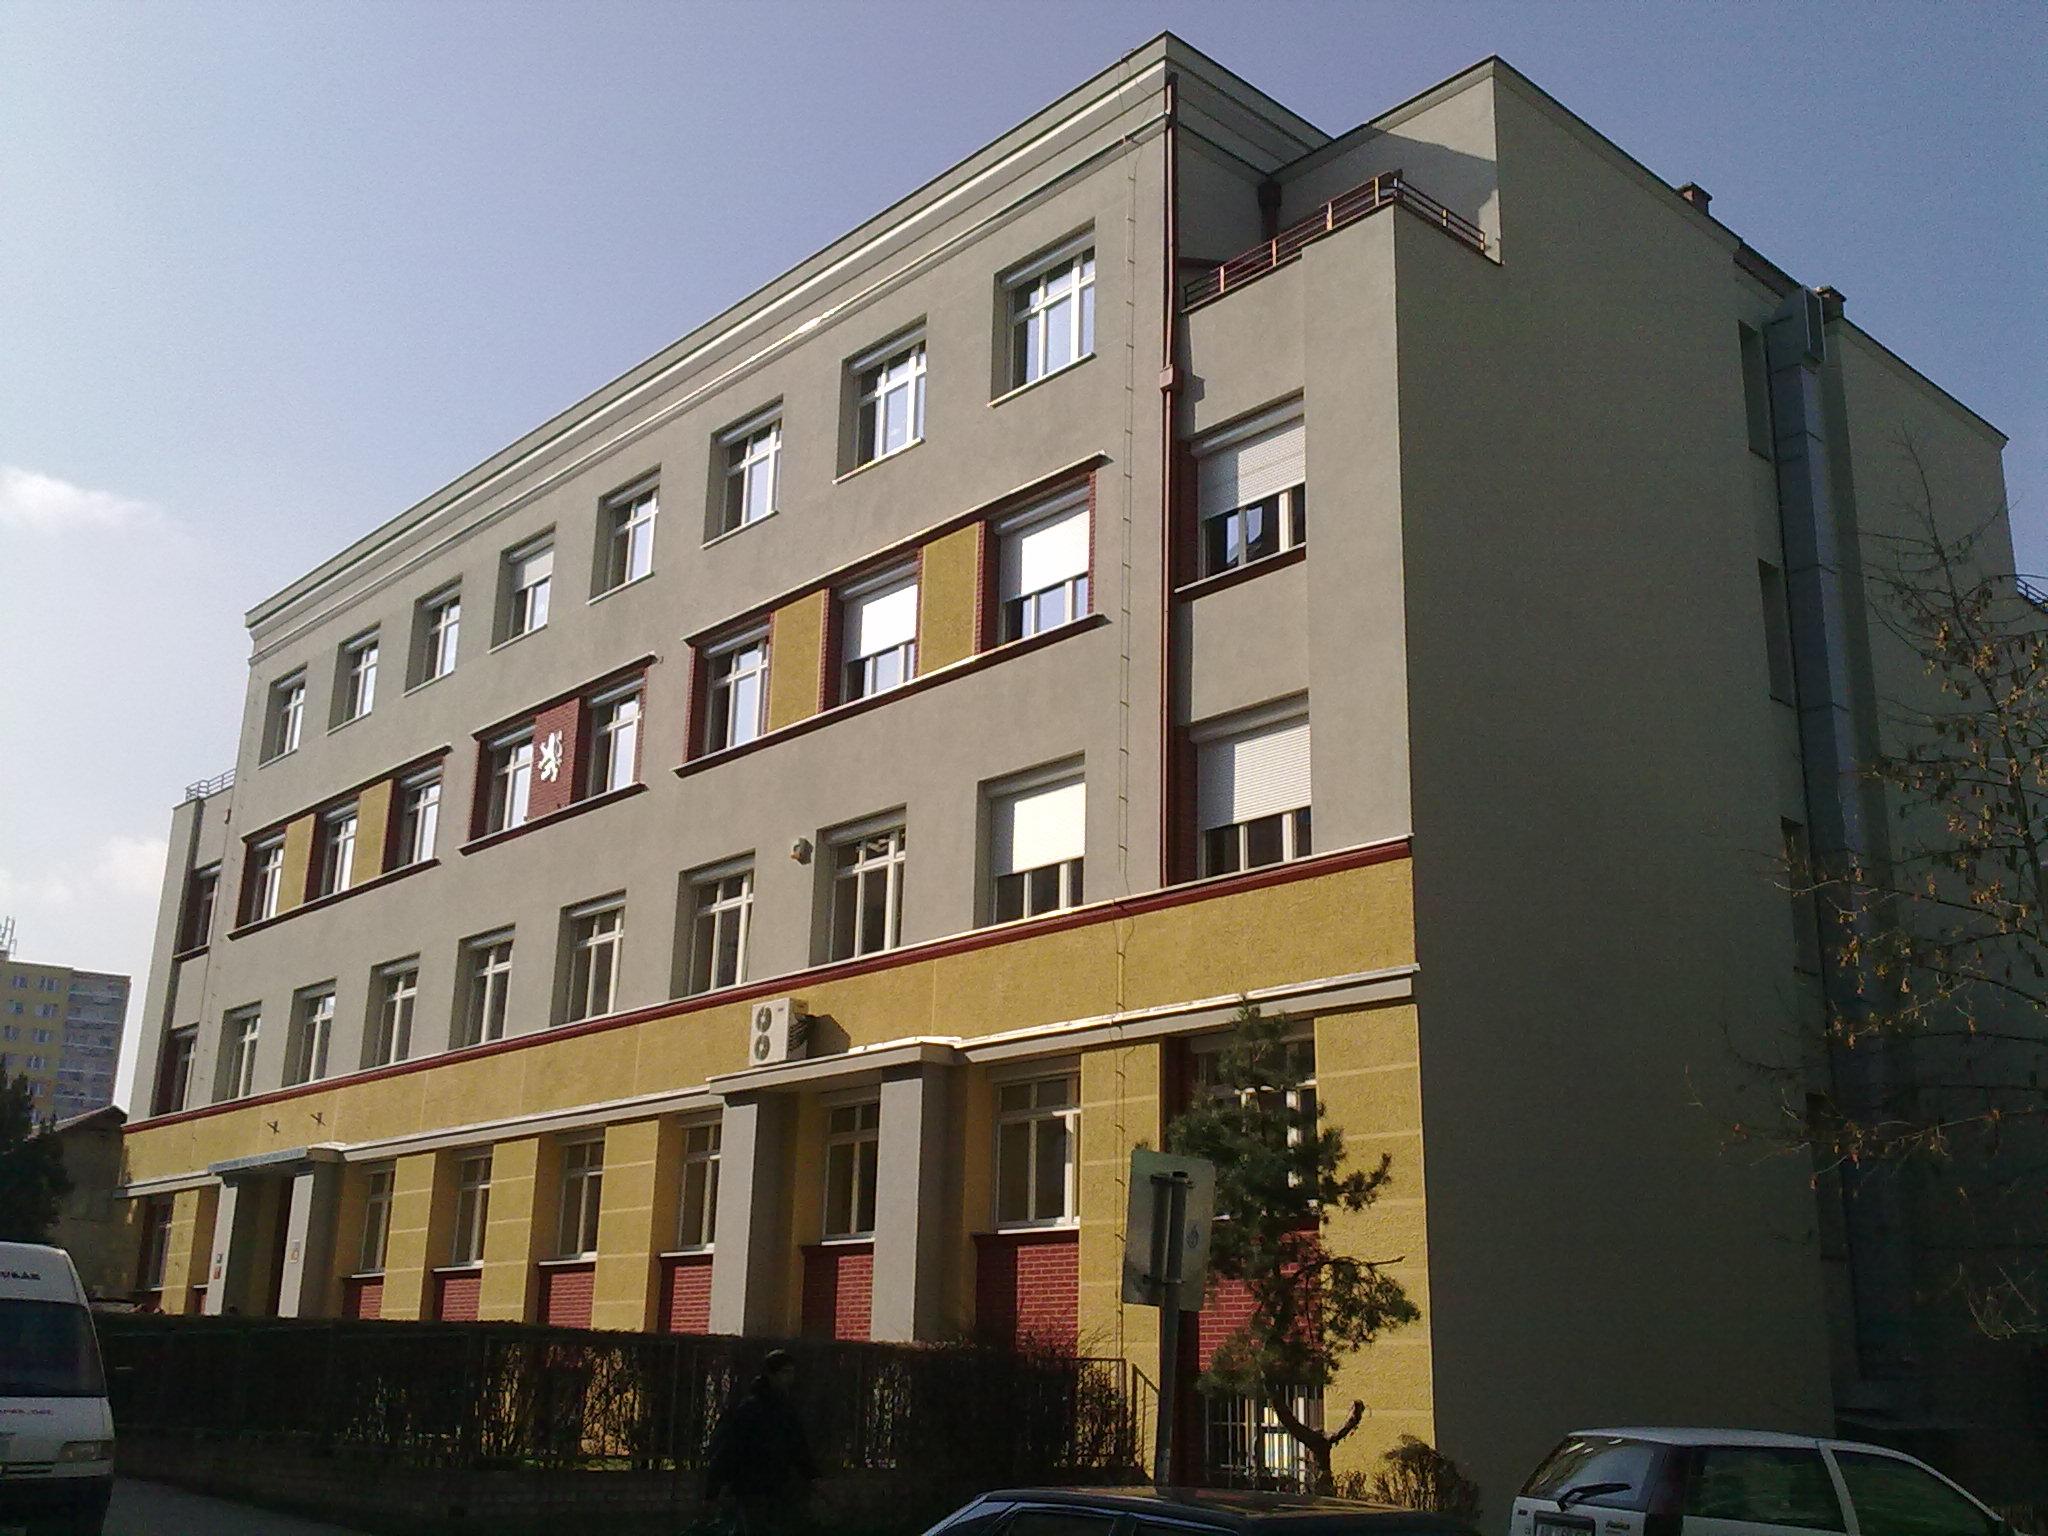 budova Gymnázia po rekonstrukci, která probehla v roce 2011 / Building of the gymnasium after reconstruction in 2011